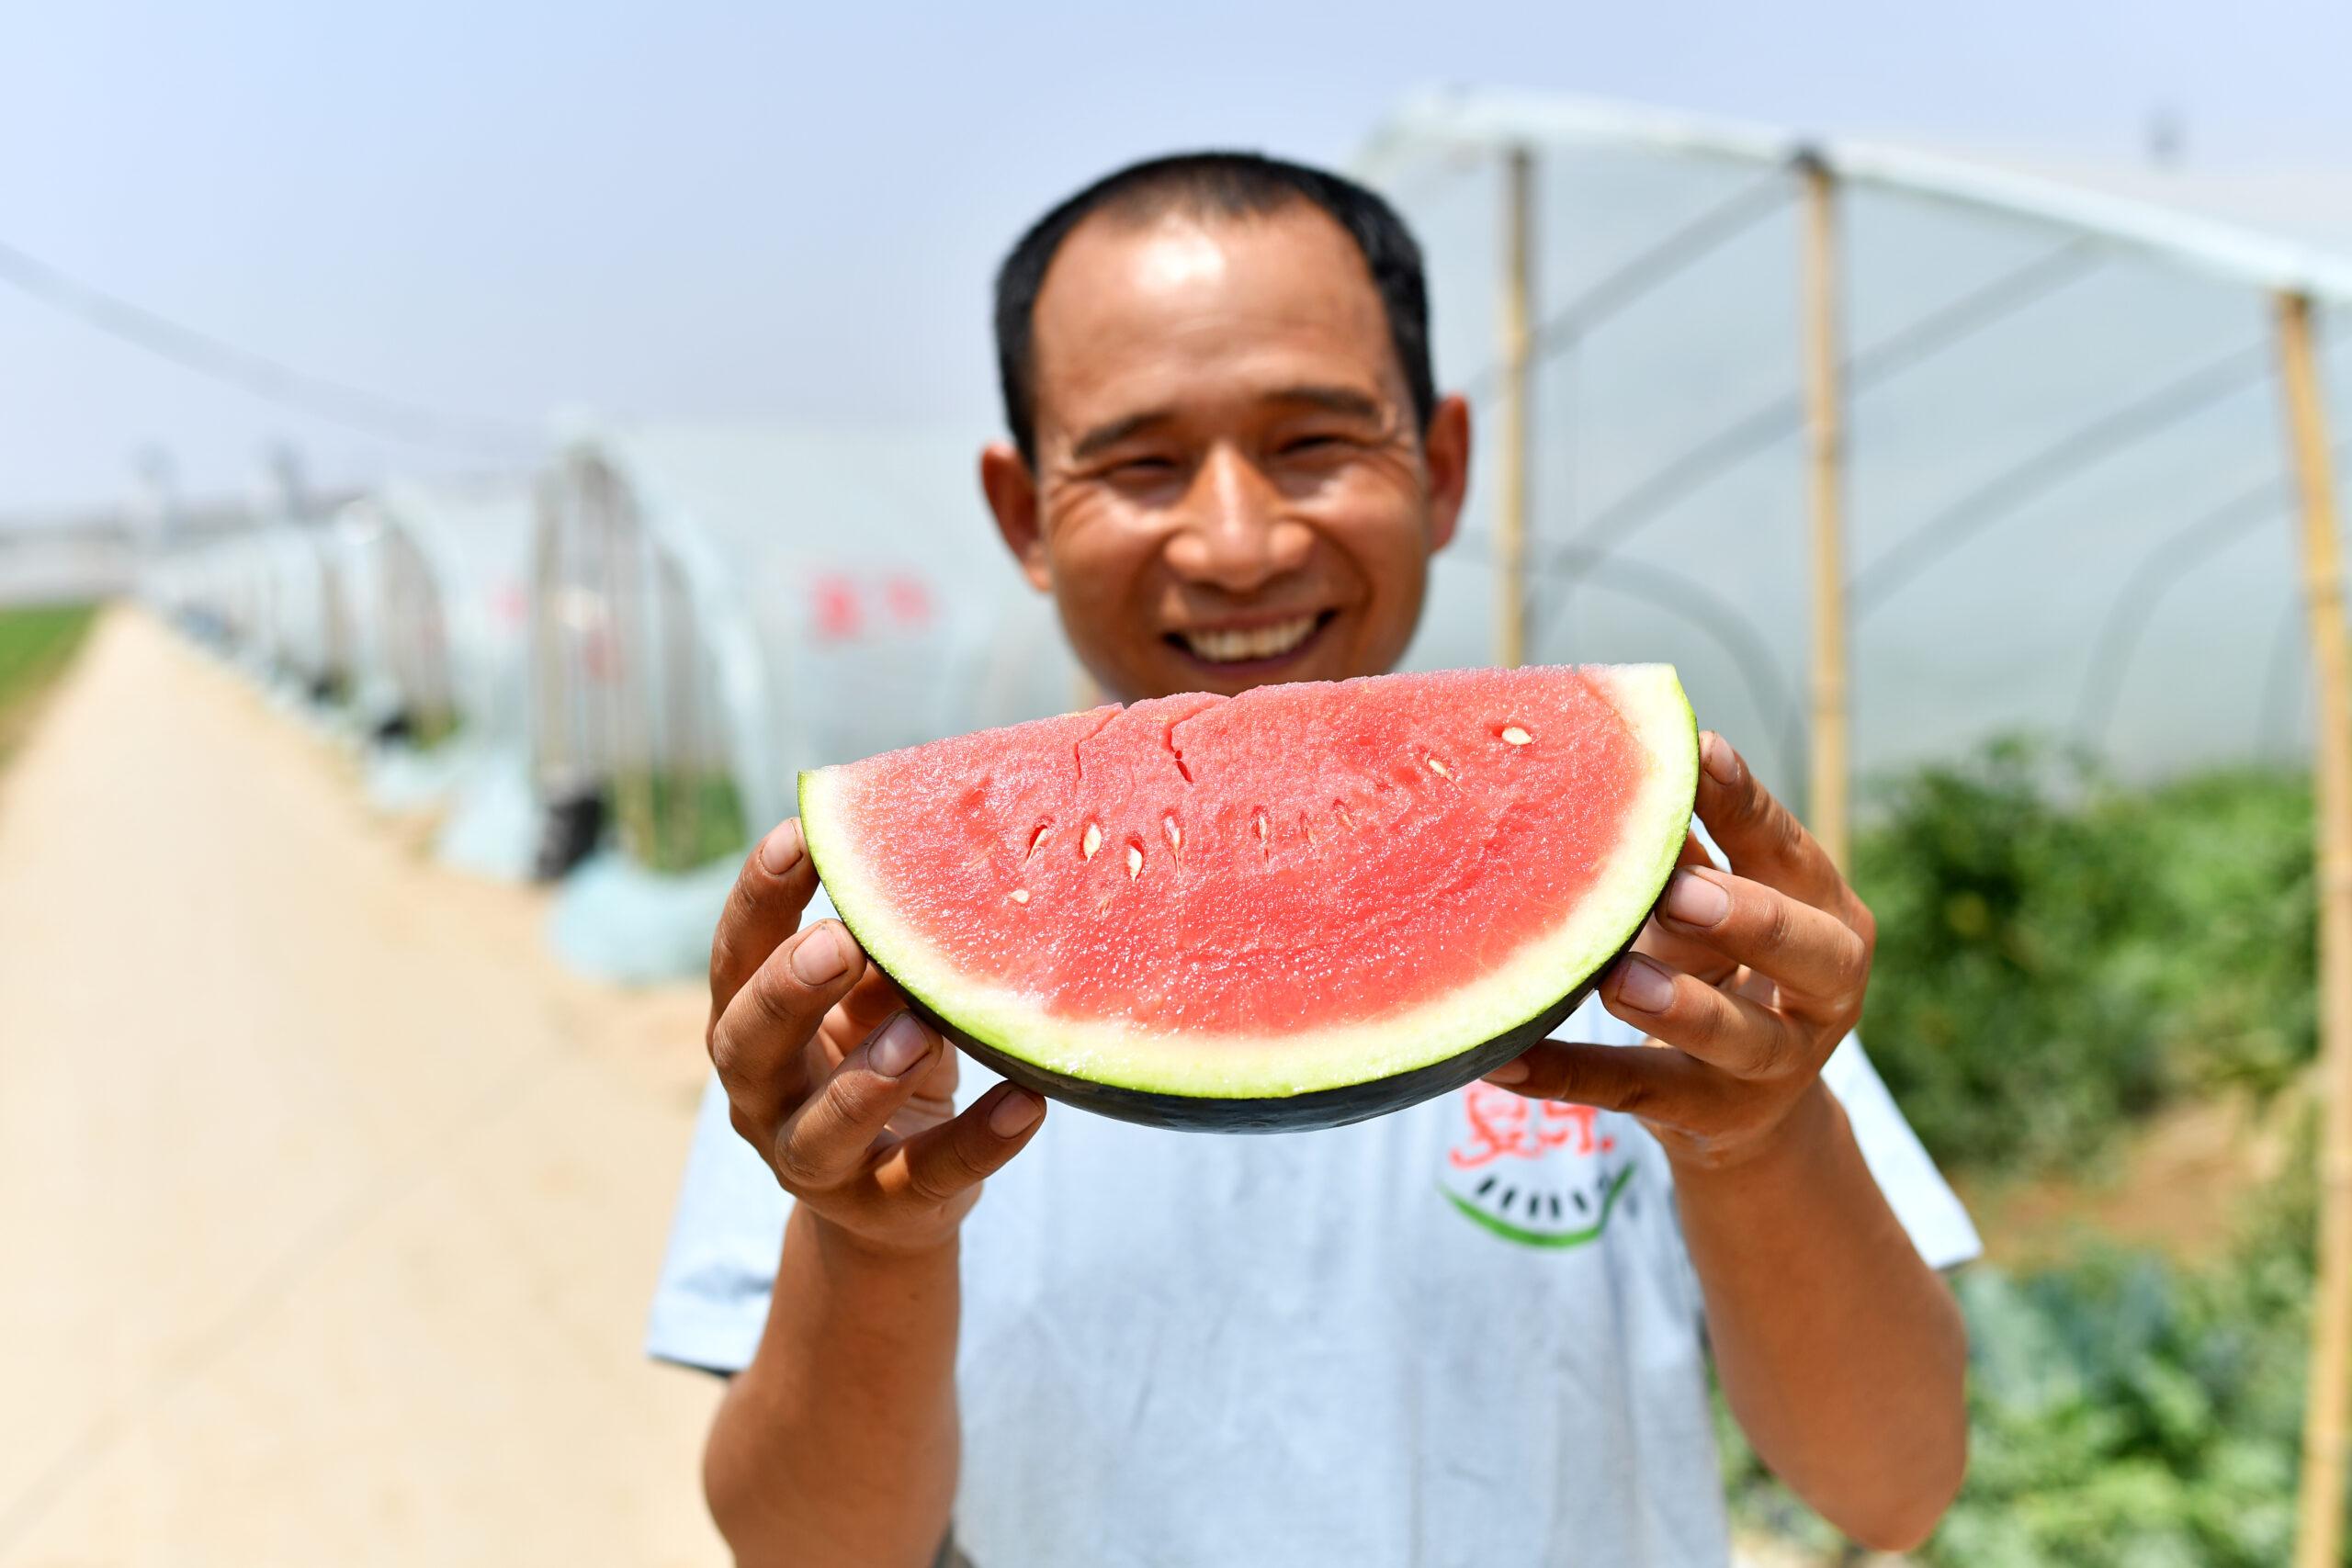 เกษตรกรจีนยิ้มรับ 'แตงโม' ลูกโตหวานฉ่ำ สร้างรายได้หลักหมื่น